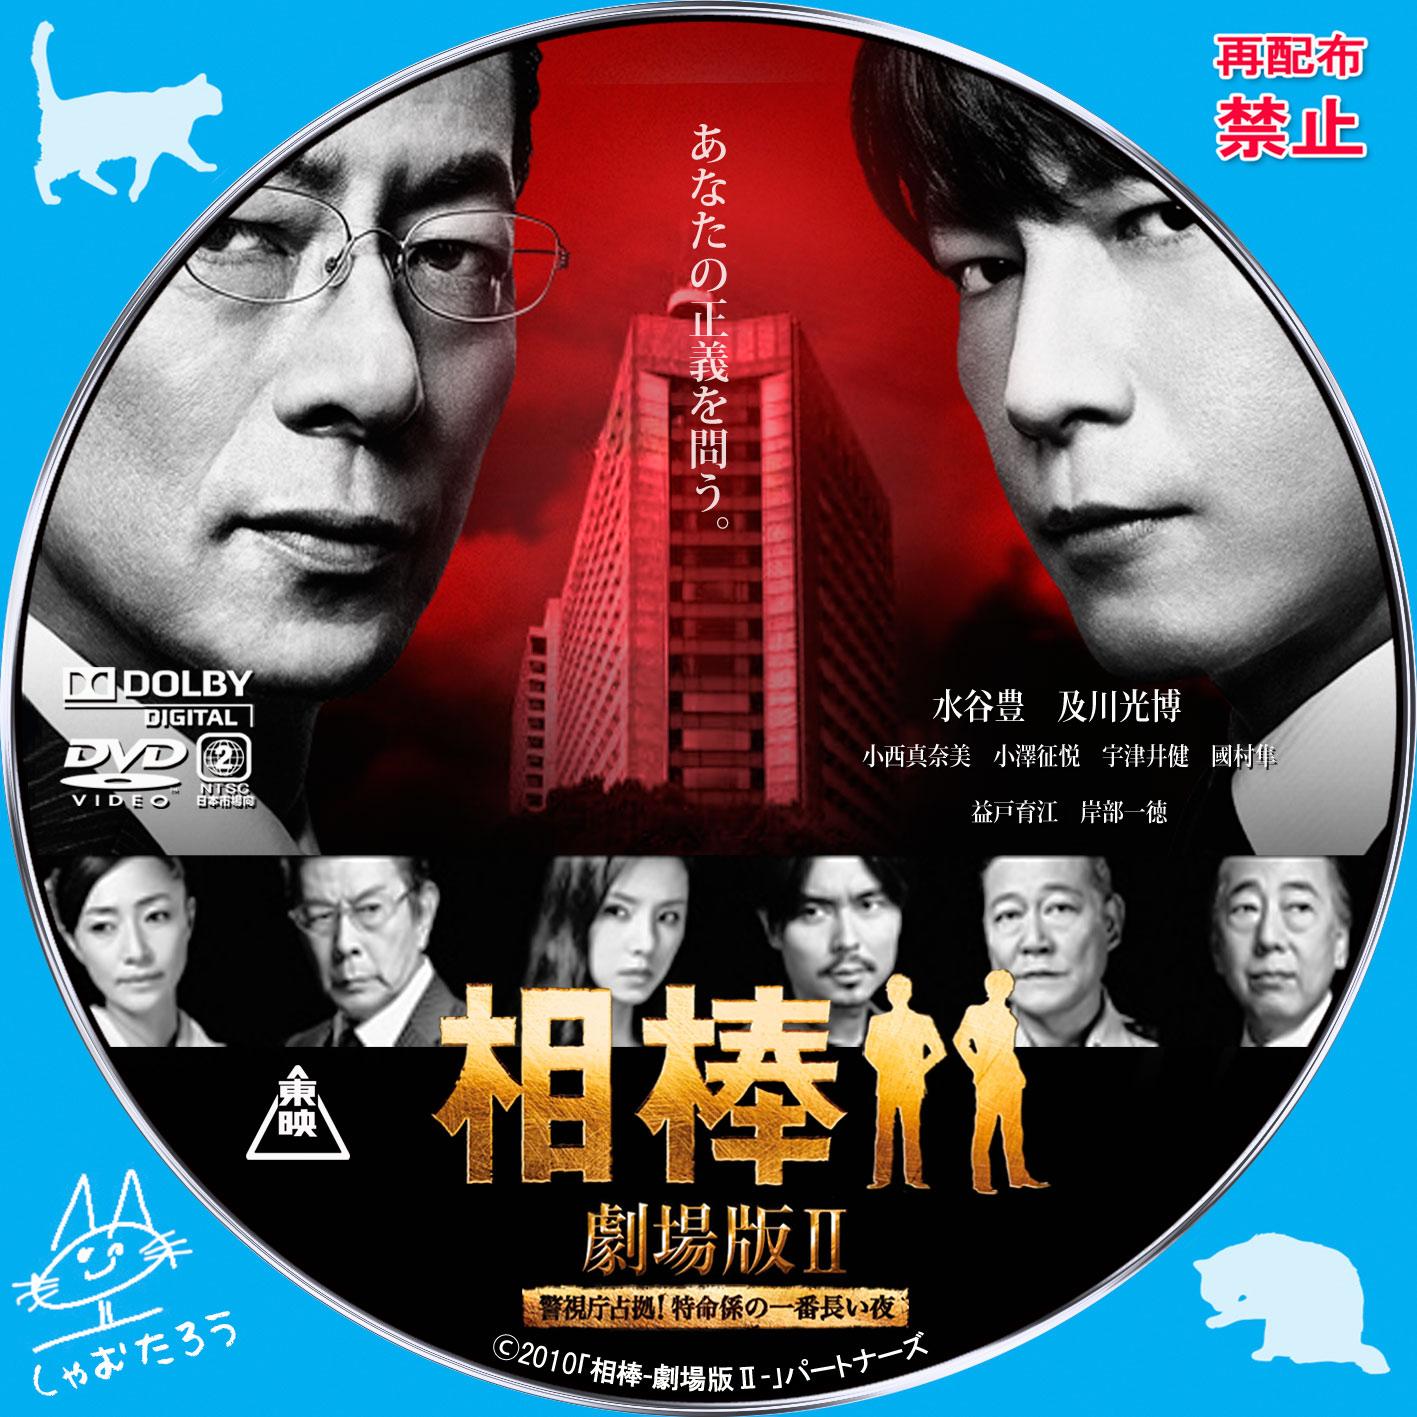 自作DVDラベルにチャレンジ 相棒 -劇場版II- 警視庁占拠! 特命係の一番長い夜